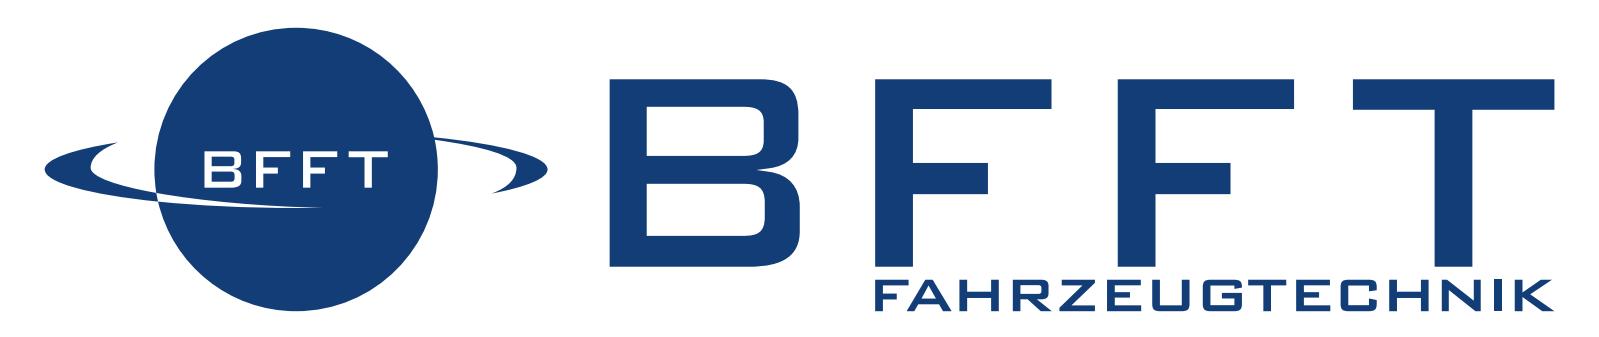 BFFT Gesellschaft für Fahrzeugtechnik mbH